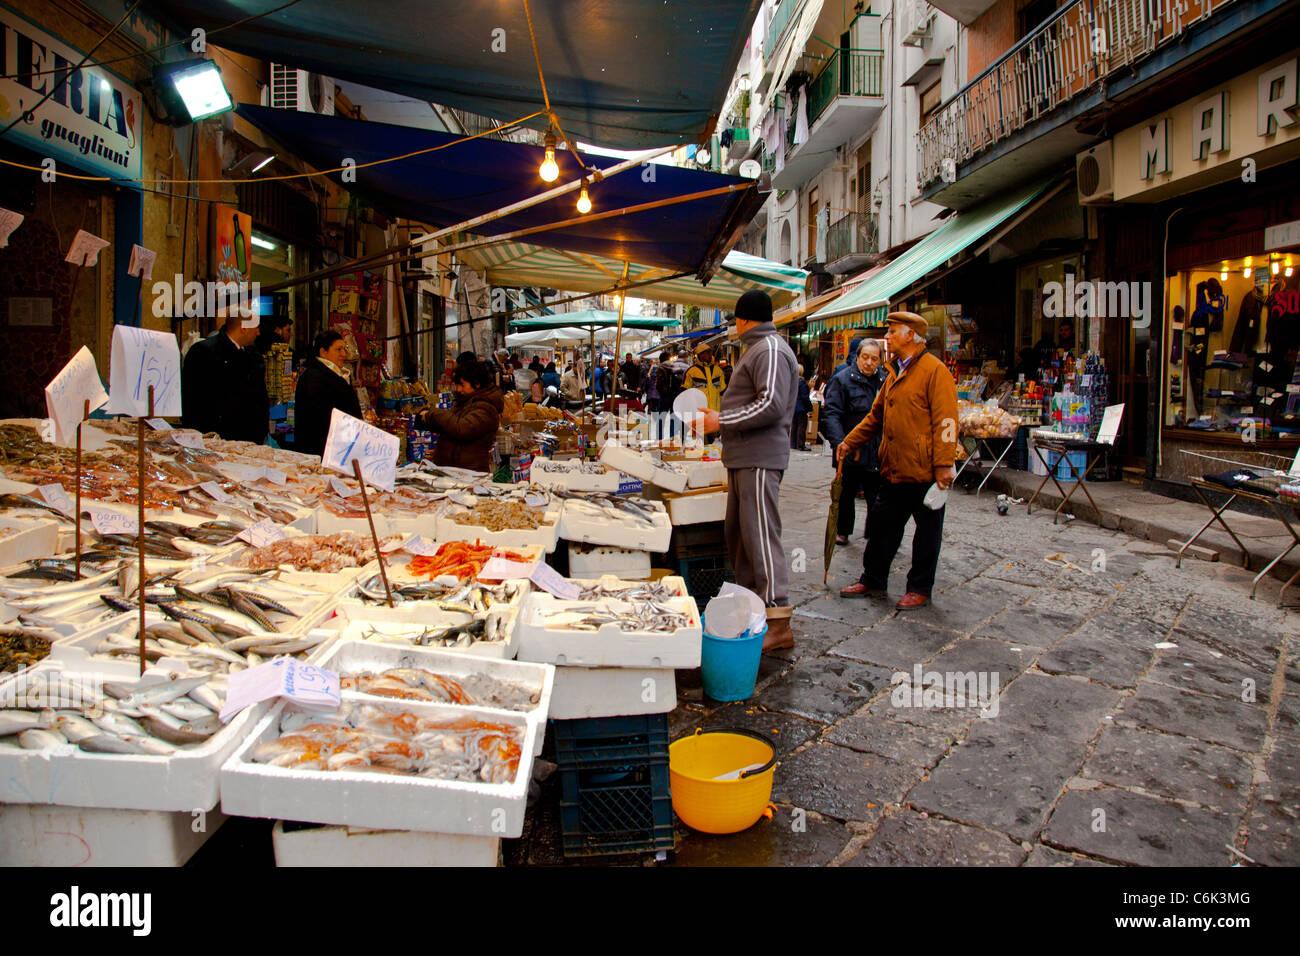 The street market of Mercato di Porta Nolana in Naples Italy. Stock Photo